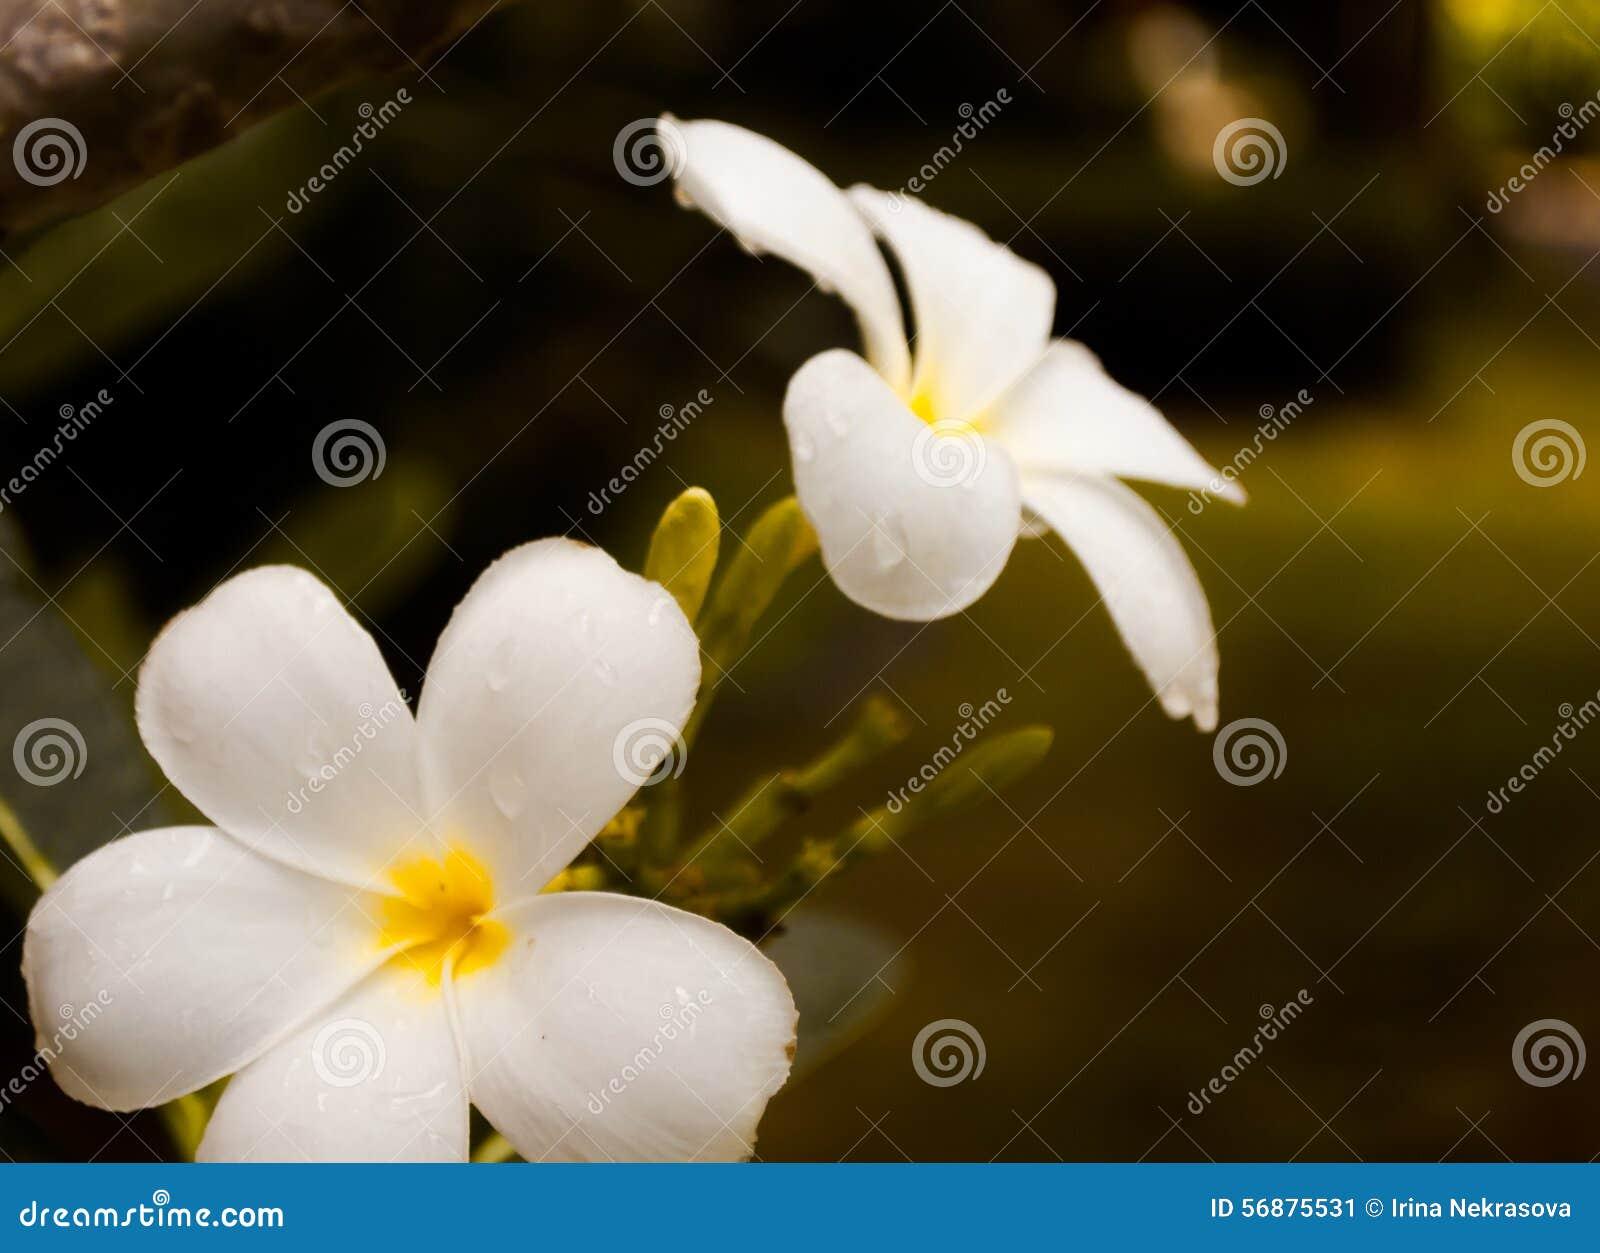 Plumeria dei fiori bianchi con goccia di pioggia